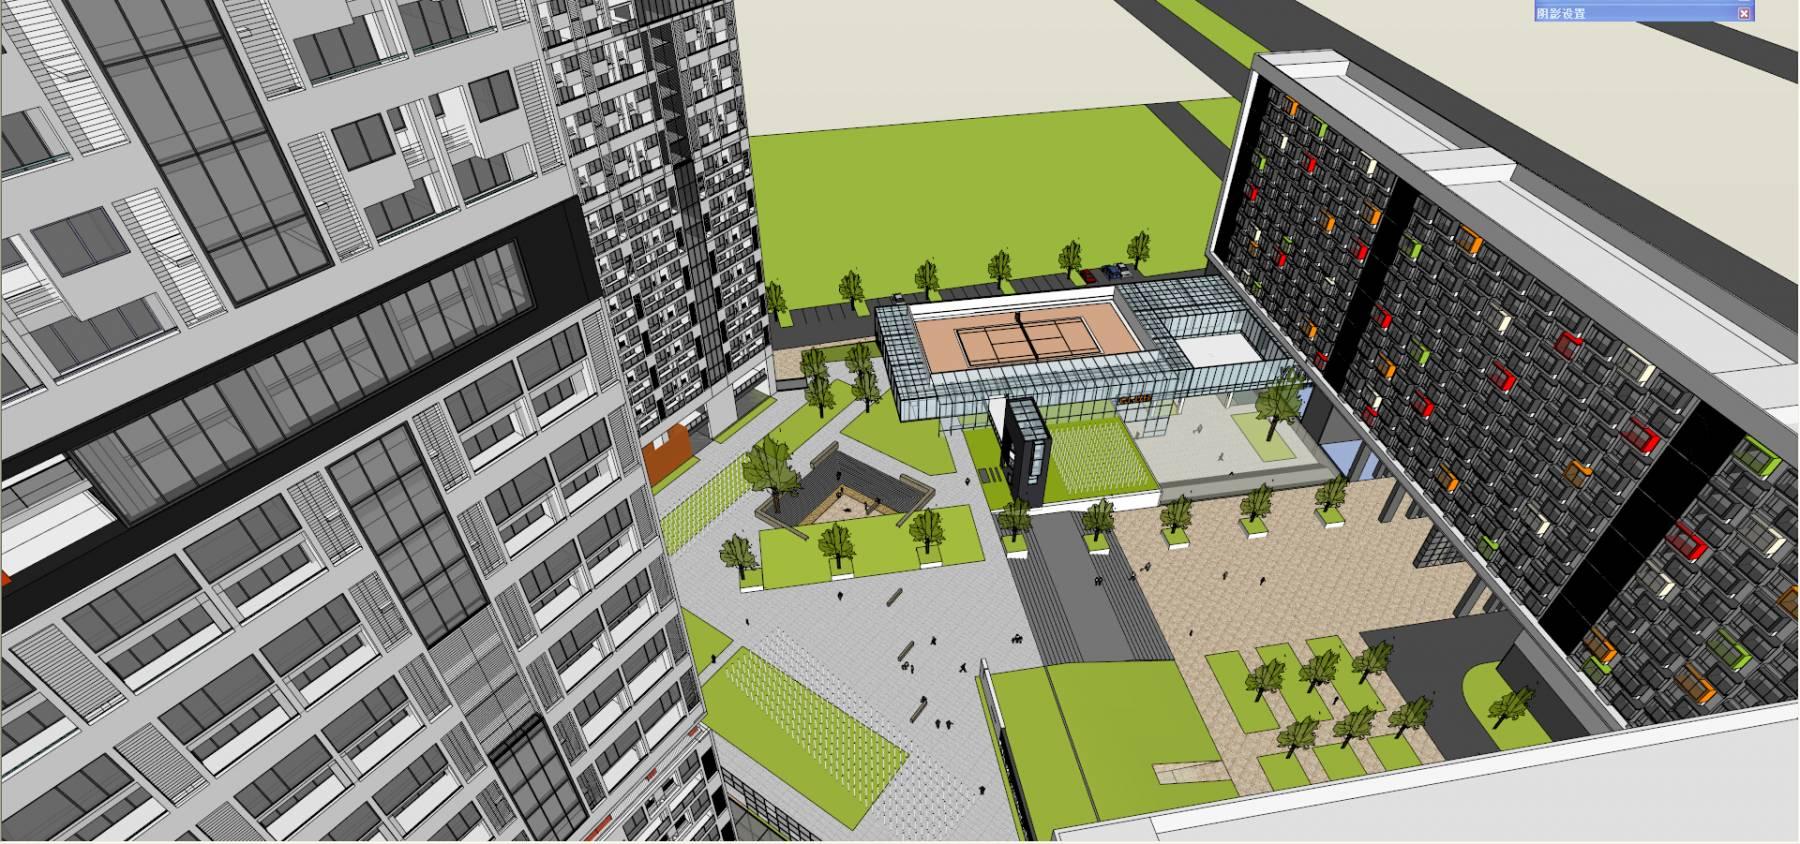 人才公寓大楼总体超精细模型